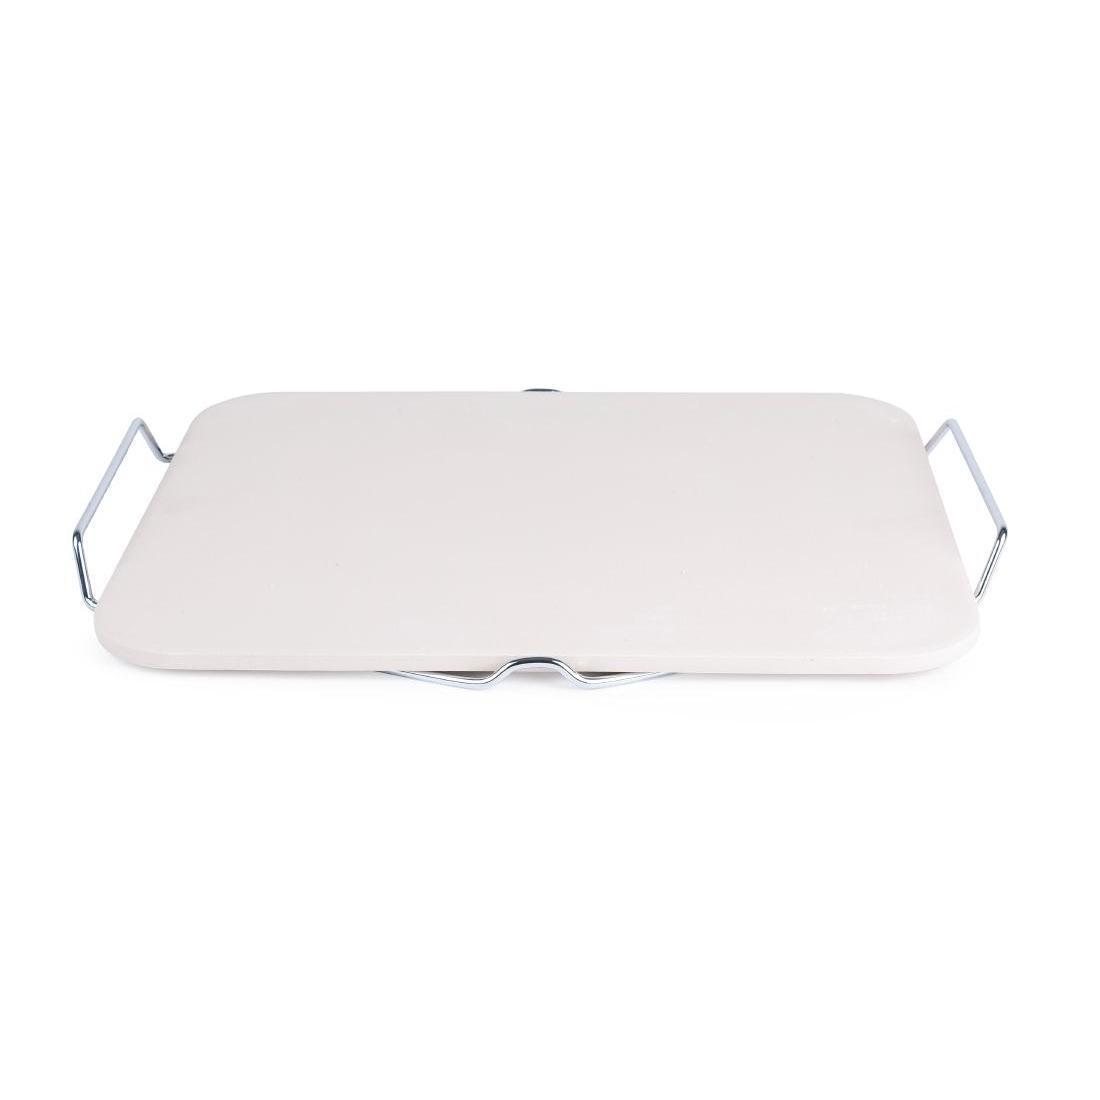 Piedra rectangular para pizza con soporte CL713